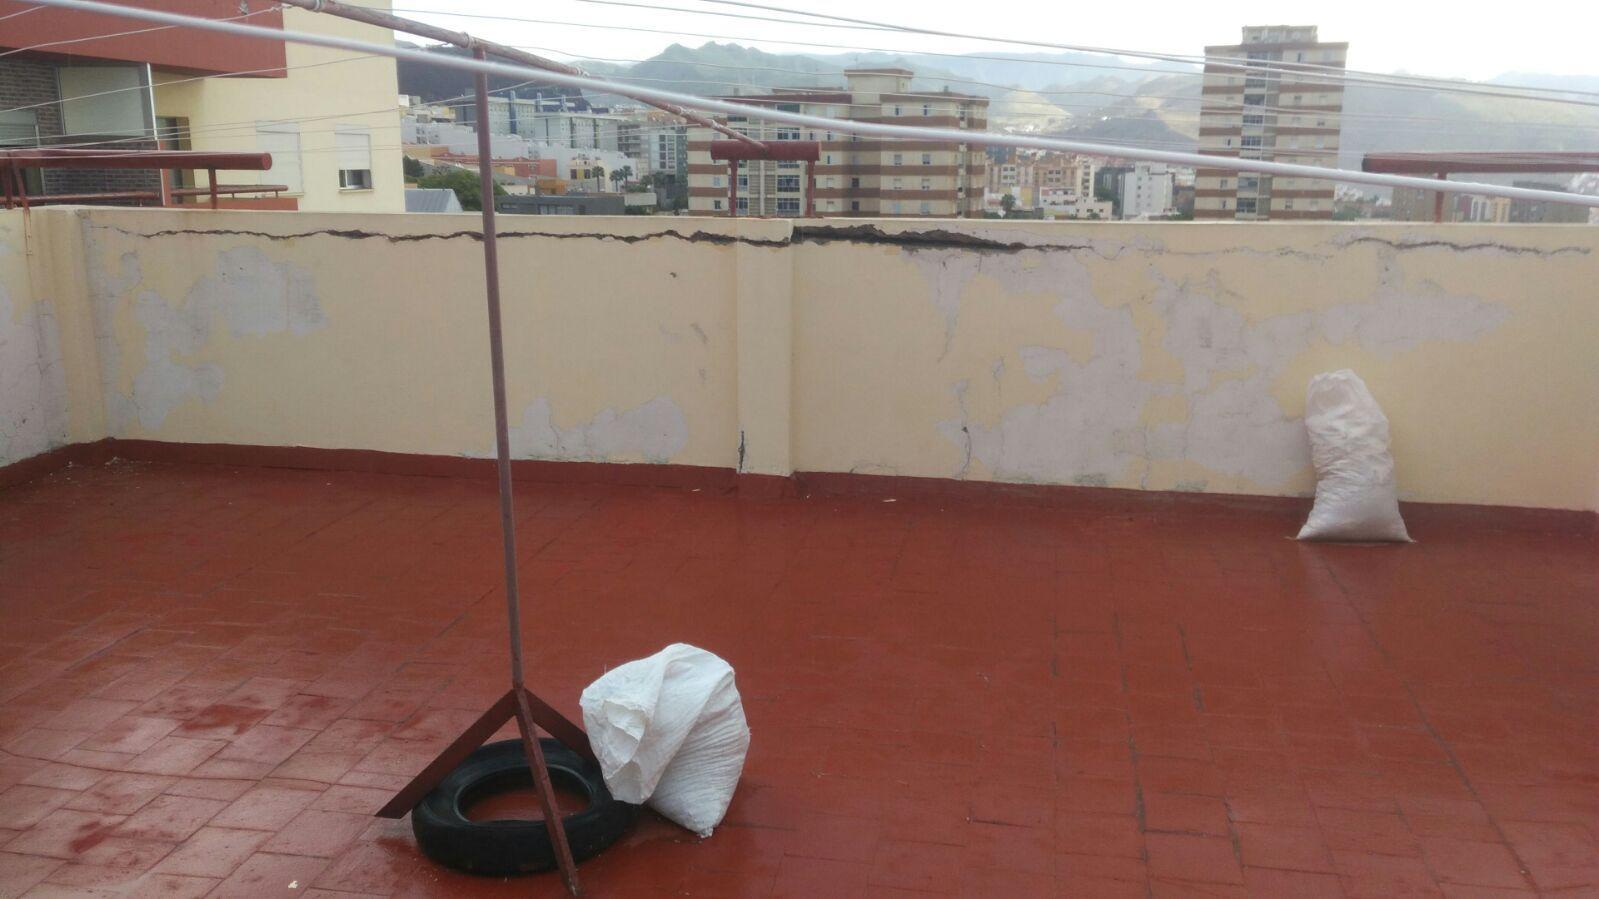 Trabajos de impermeabilización en Tenerife